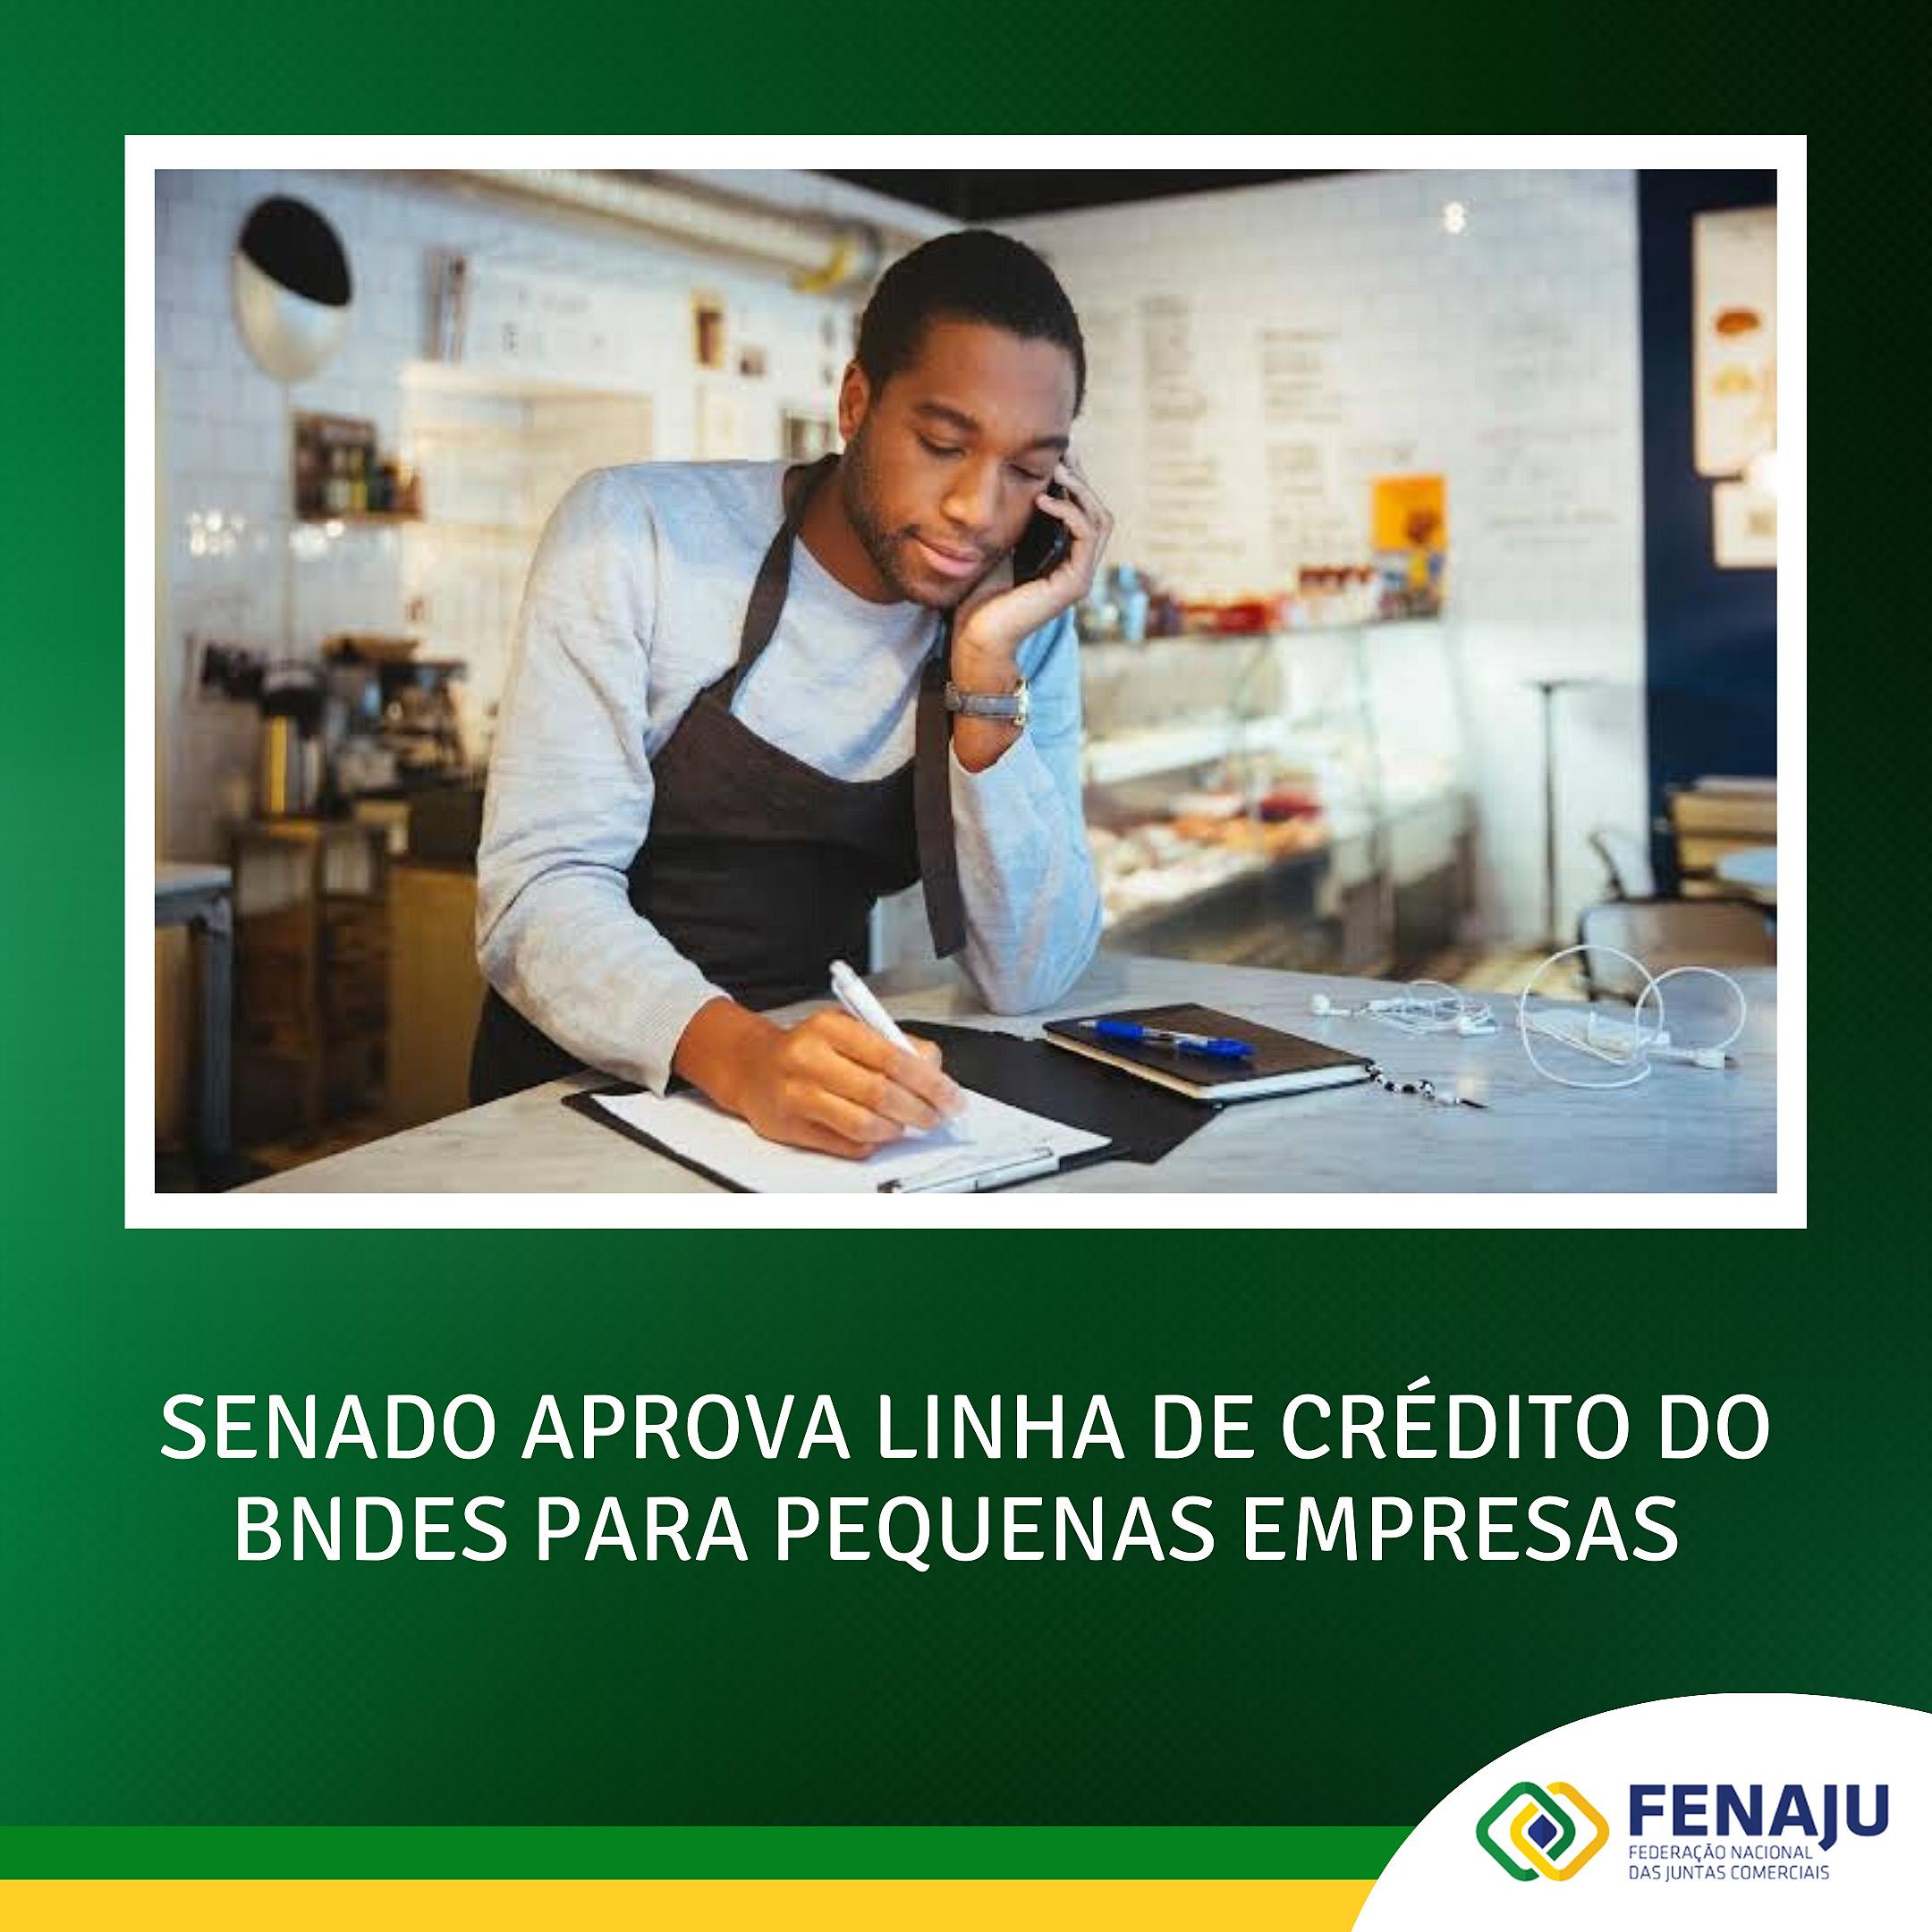 SENADO APROVA LINHA DE CRÉDITO DO BNDES PARA PEQUENAS EMPRESAS